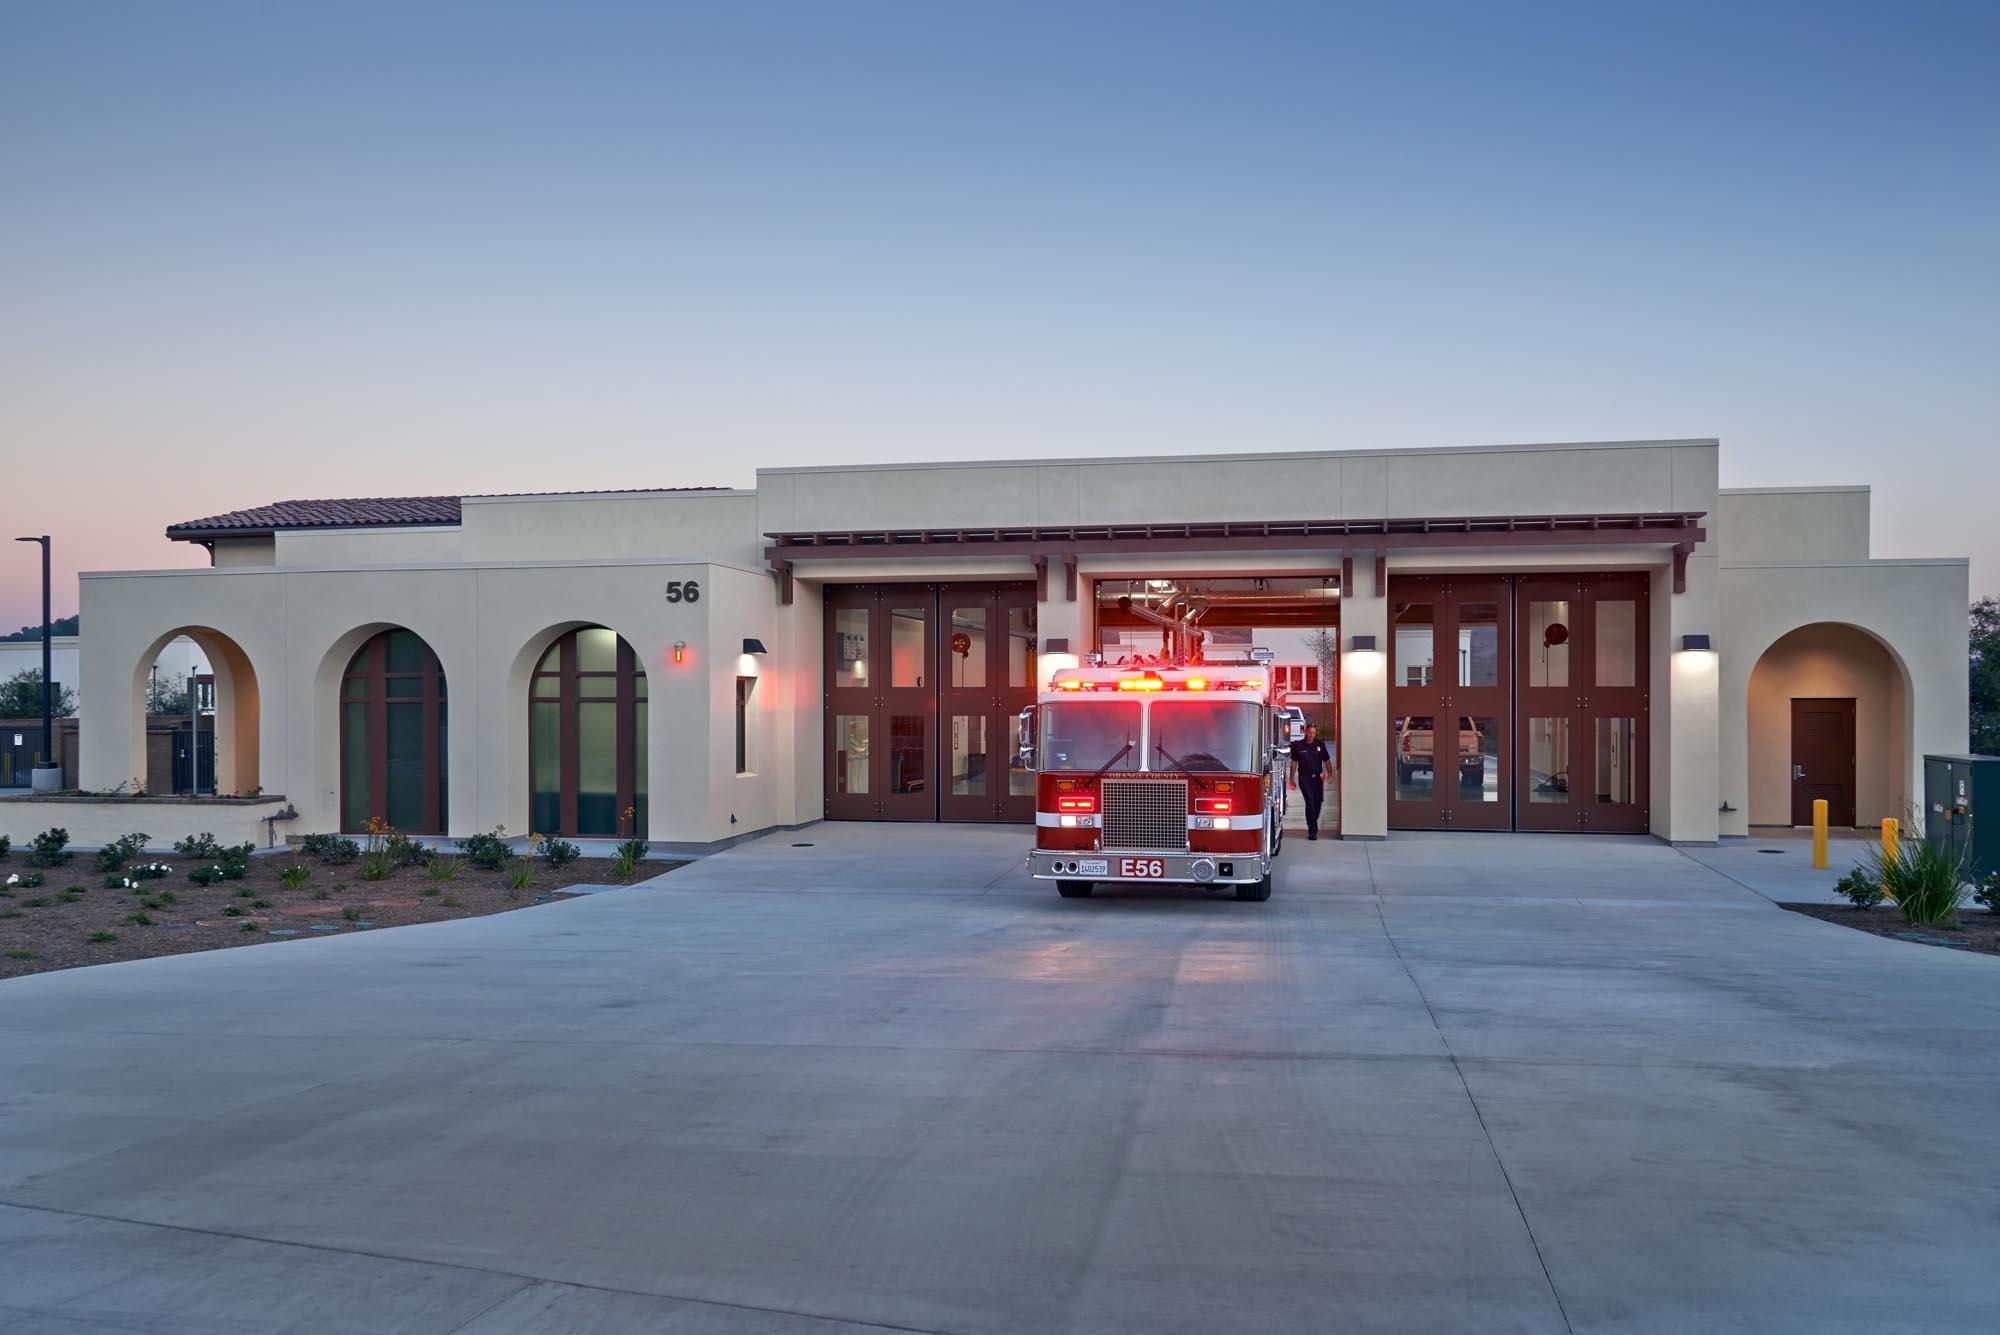 Sendero-Ranch-Firestation-56-10.jpg